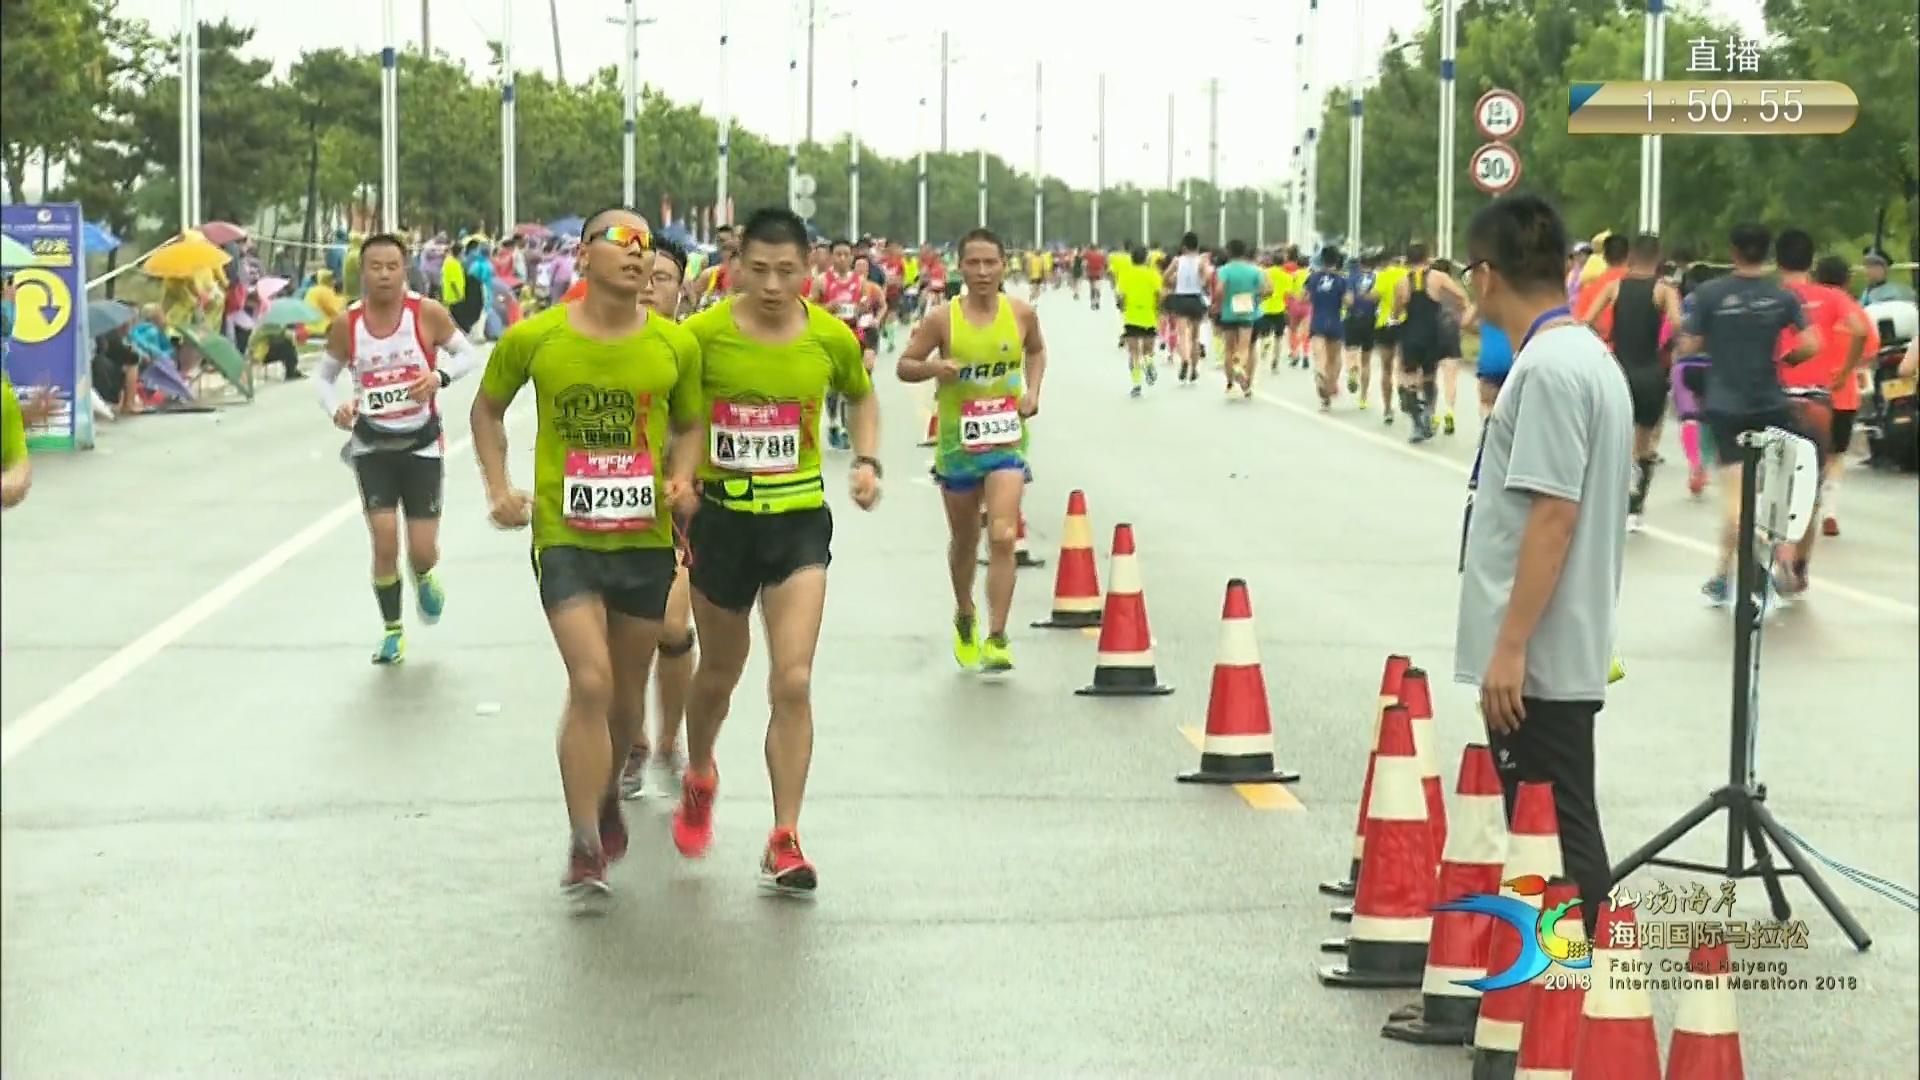 40秒|感动!盲人跑者参与马拉松诠释运动精神